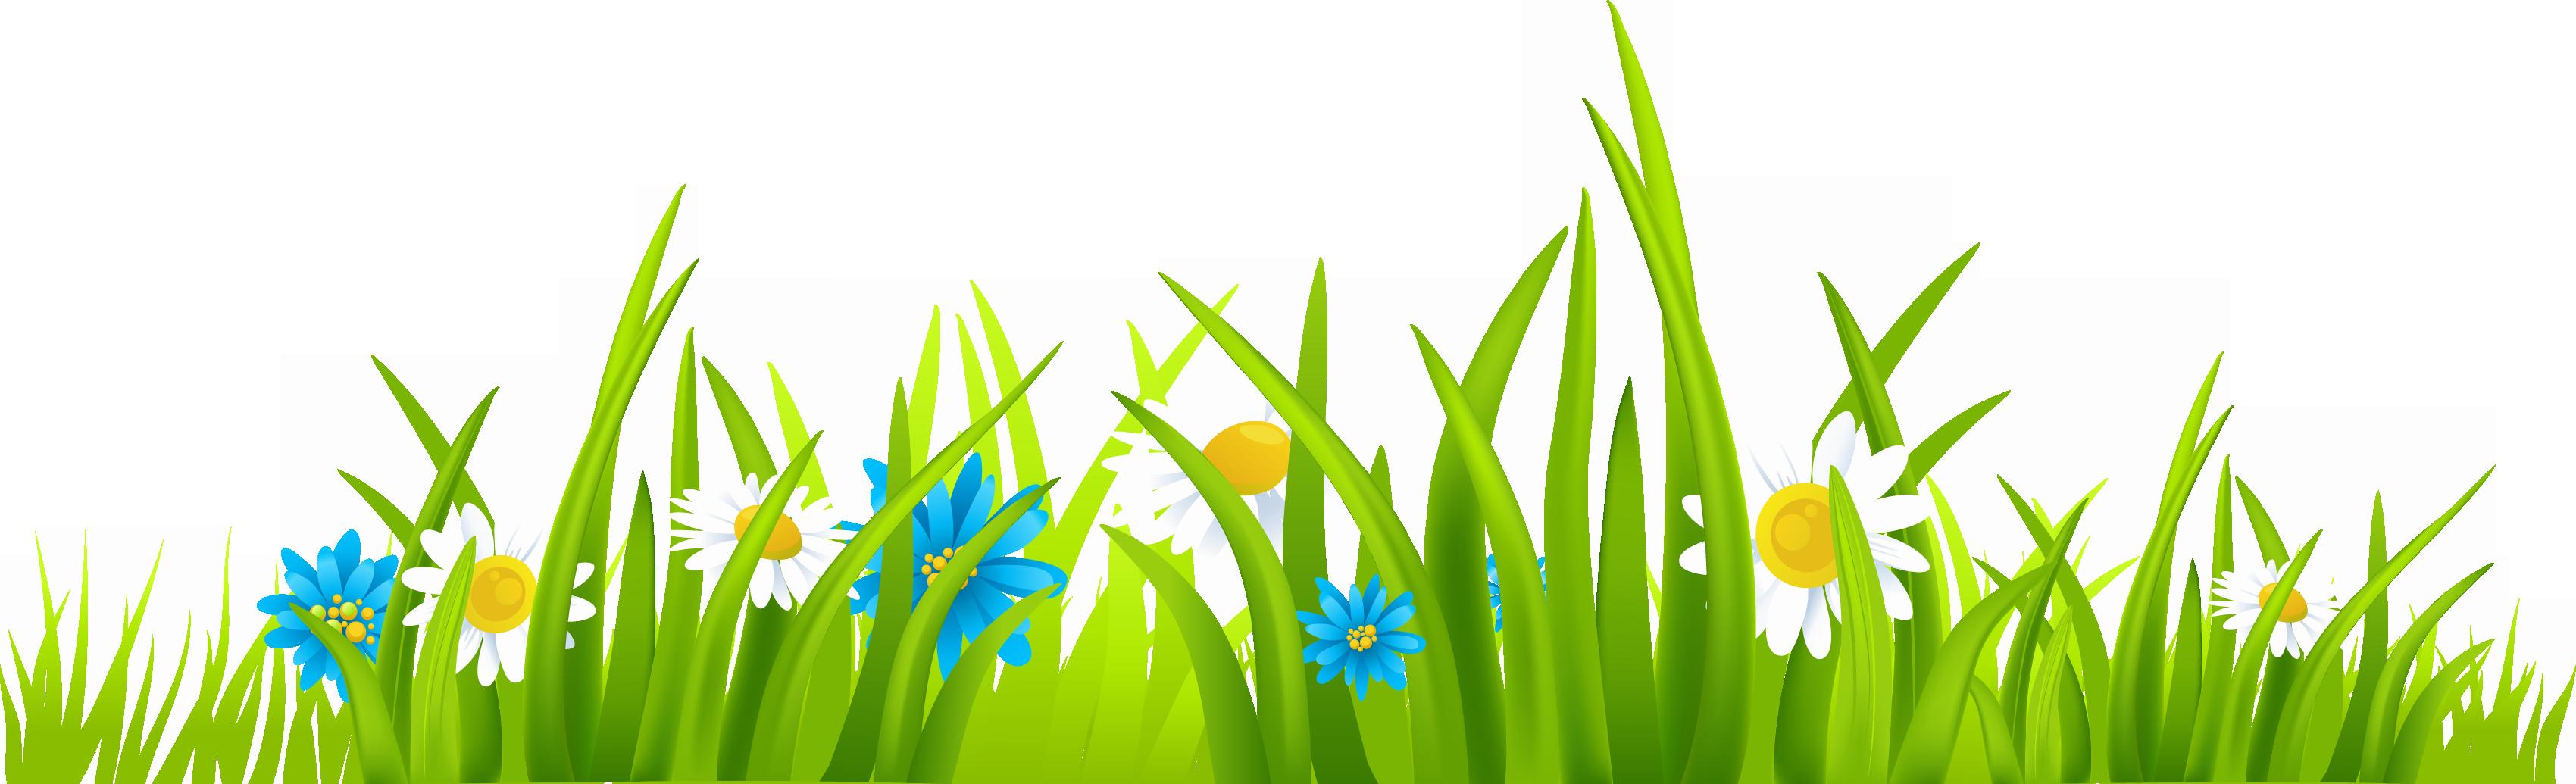 Grass Clipart-grass clipart-3